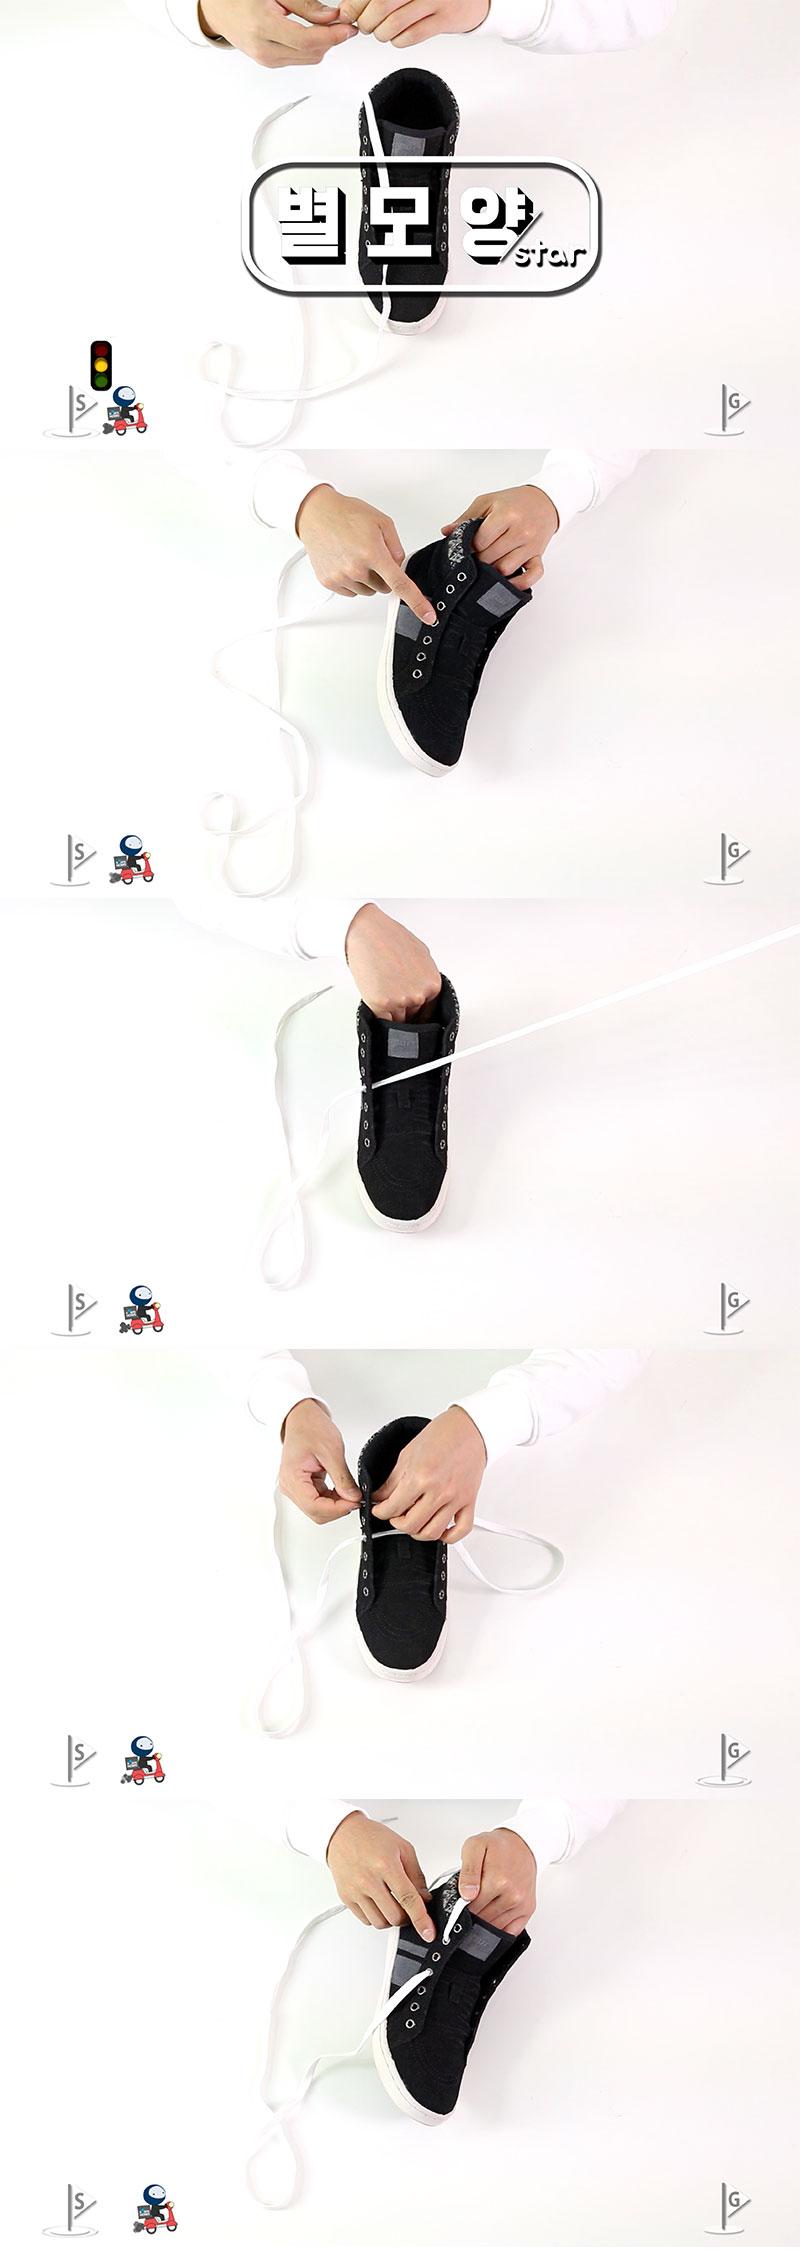 03 shoe laces 01